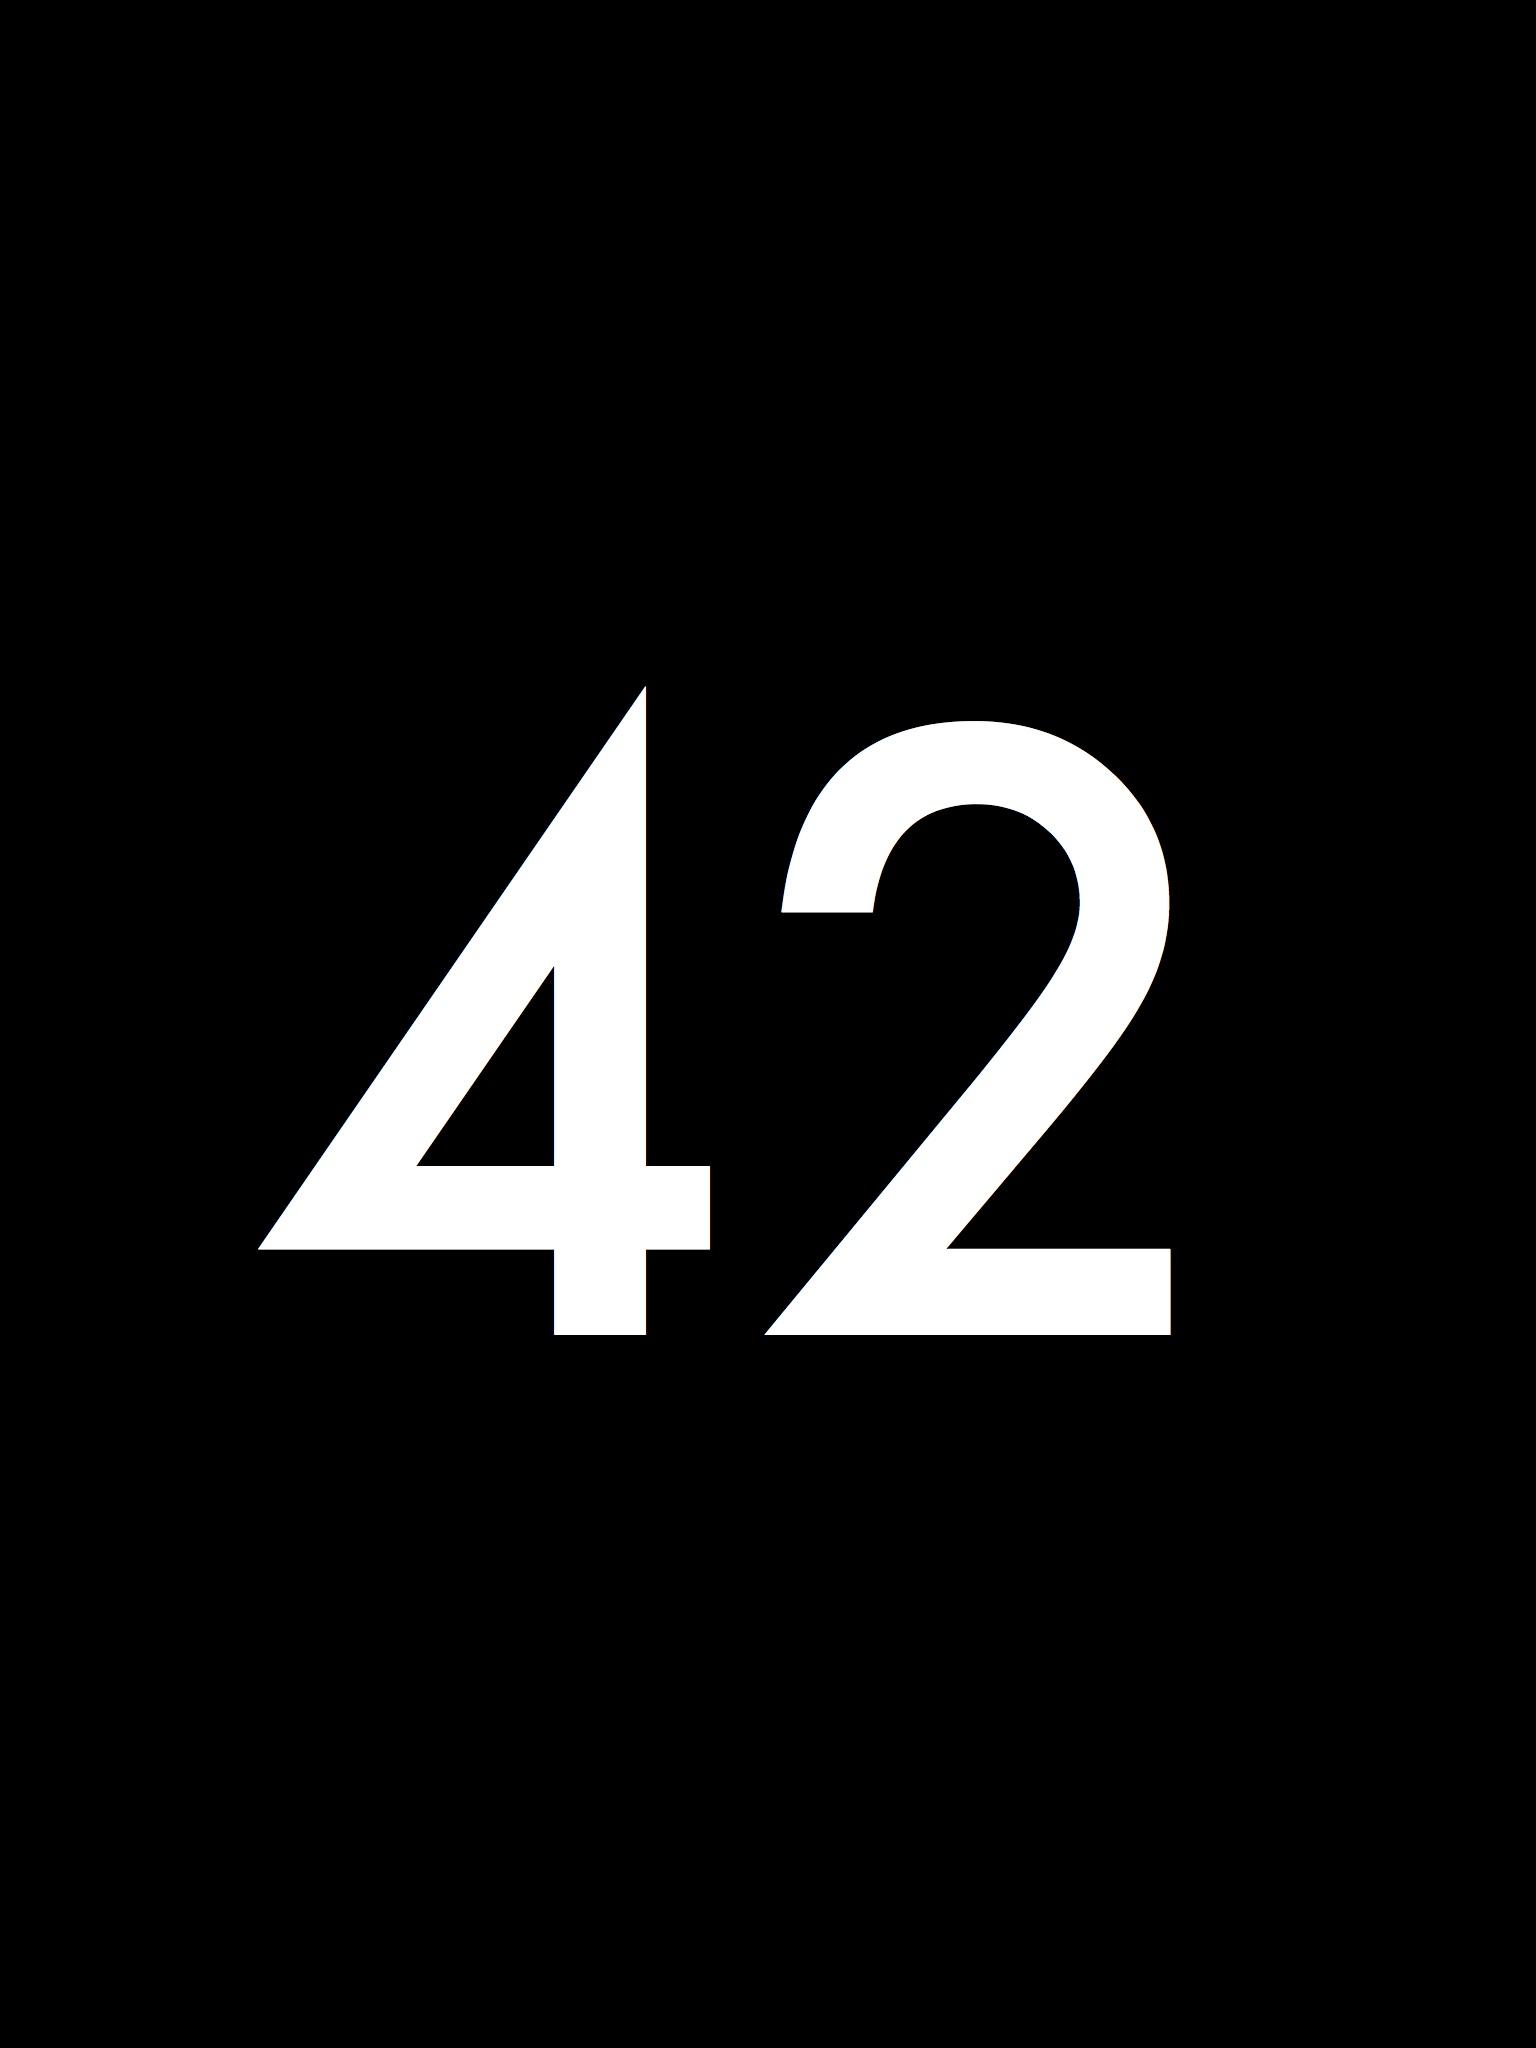 Black_Number.042.jpg